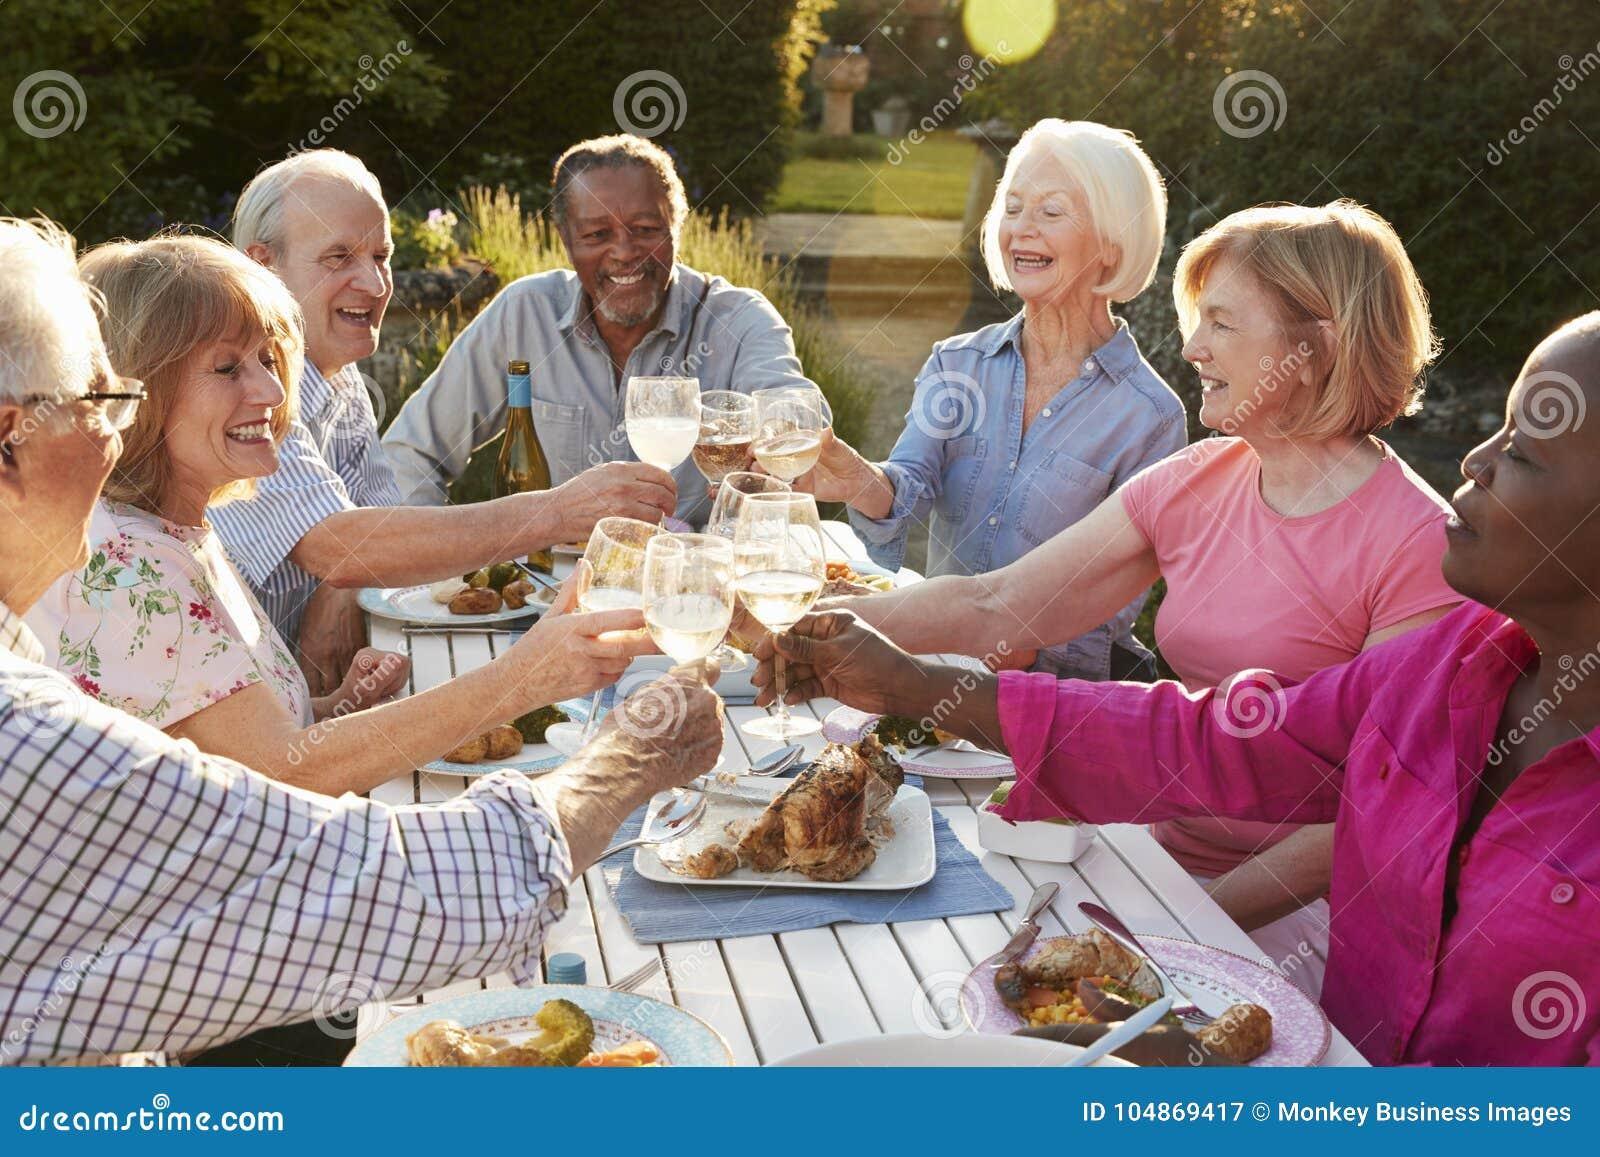 Ομάδα ανώτερων φίλων που κατασκευάζουν μια φρυγανιά στο υπαίθριο κόμμα γευμάτων